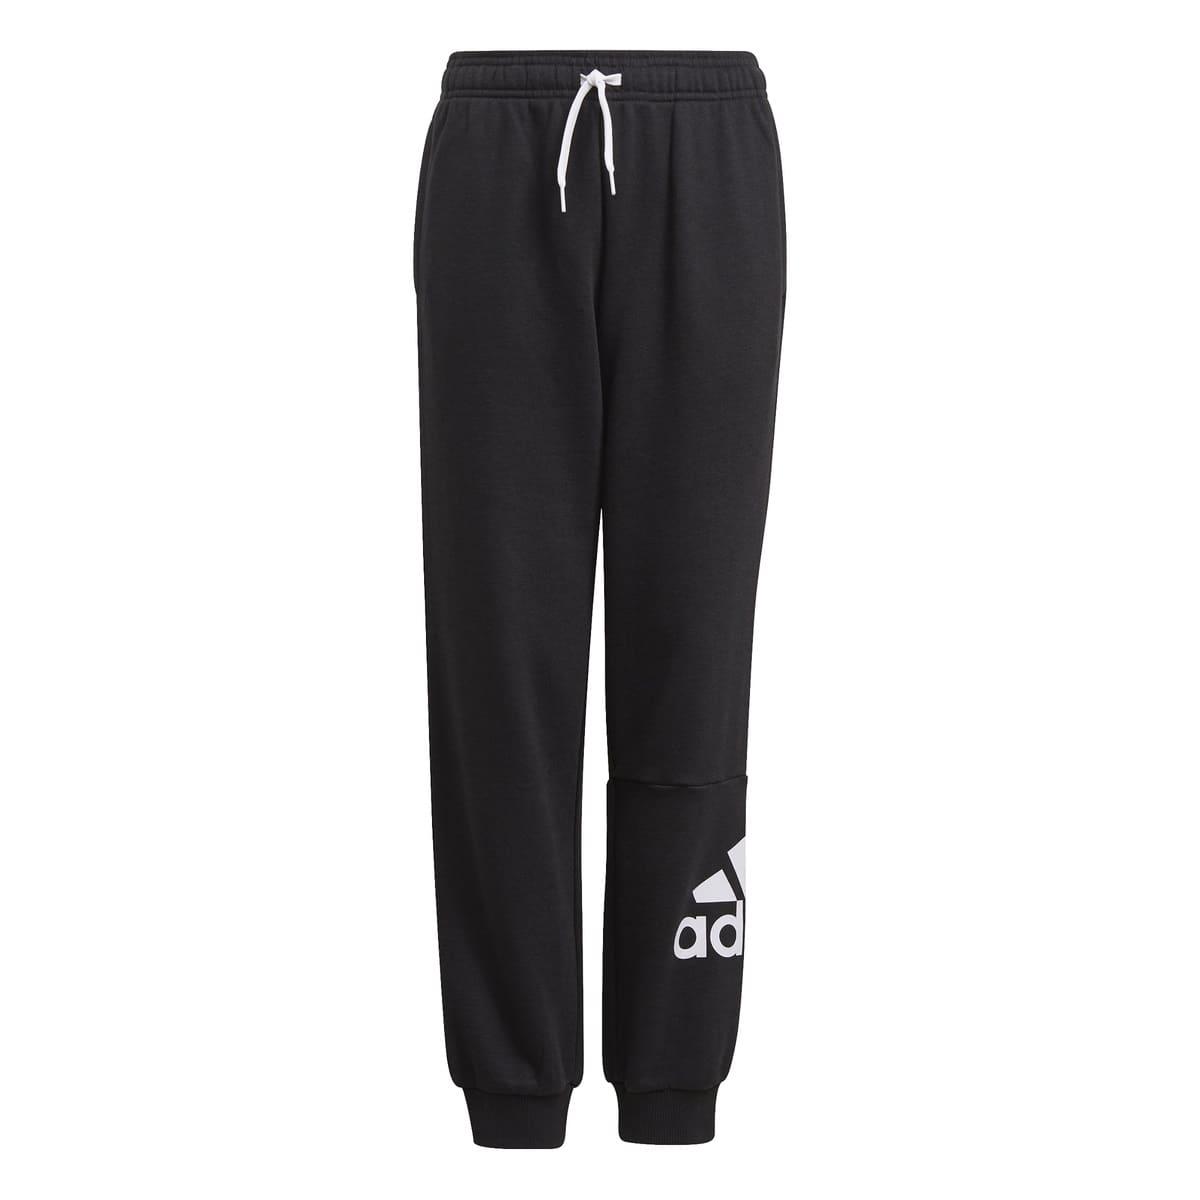 ADIDAS BOY BL FT C PANTS BLACK/WHITE - 8-9 J